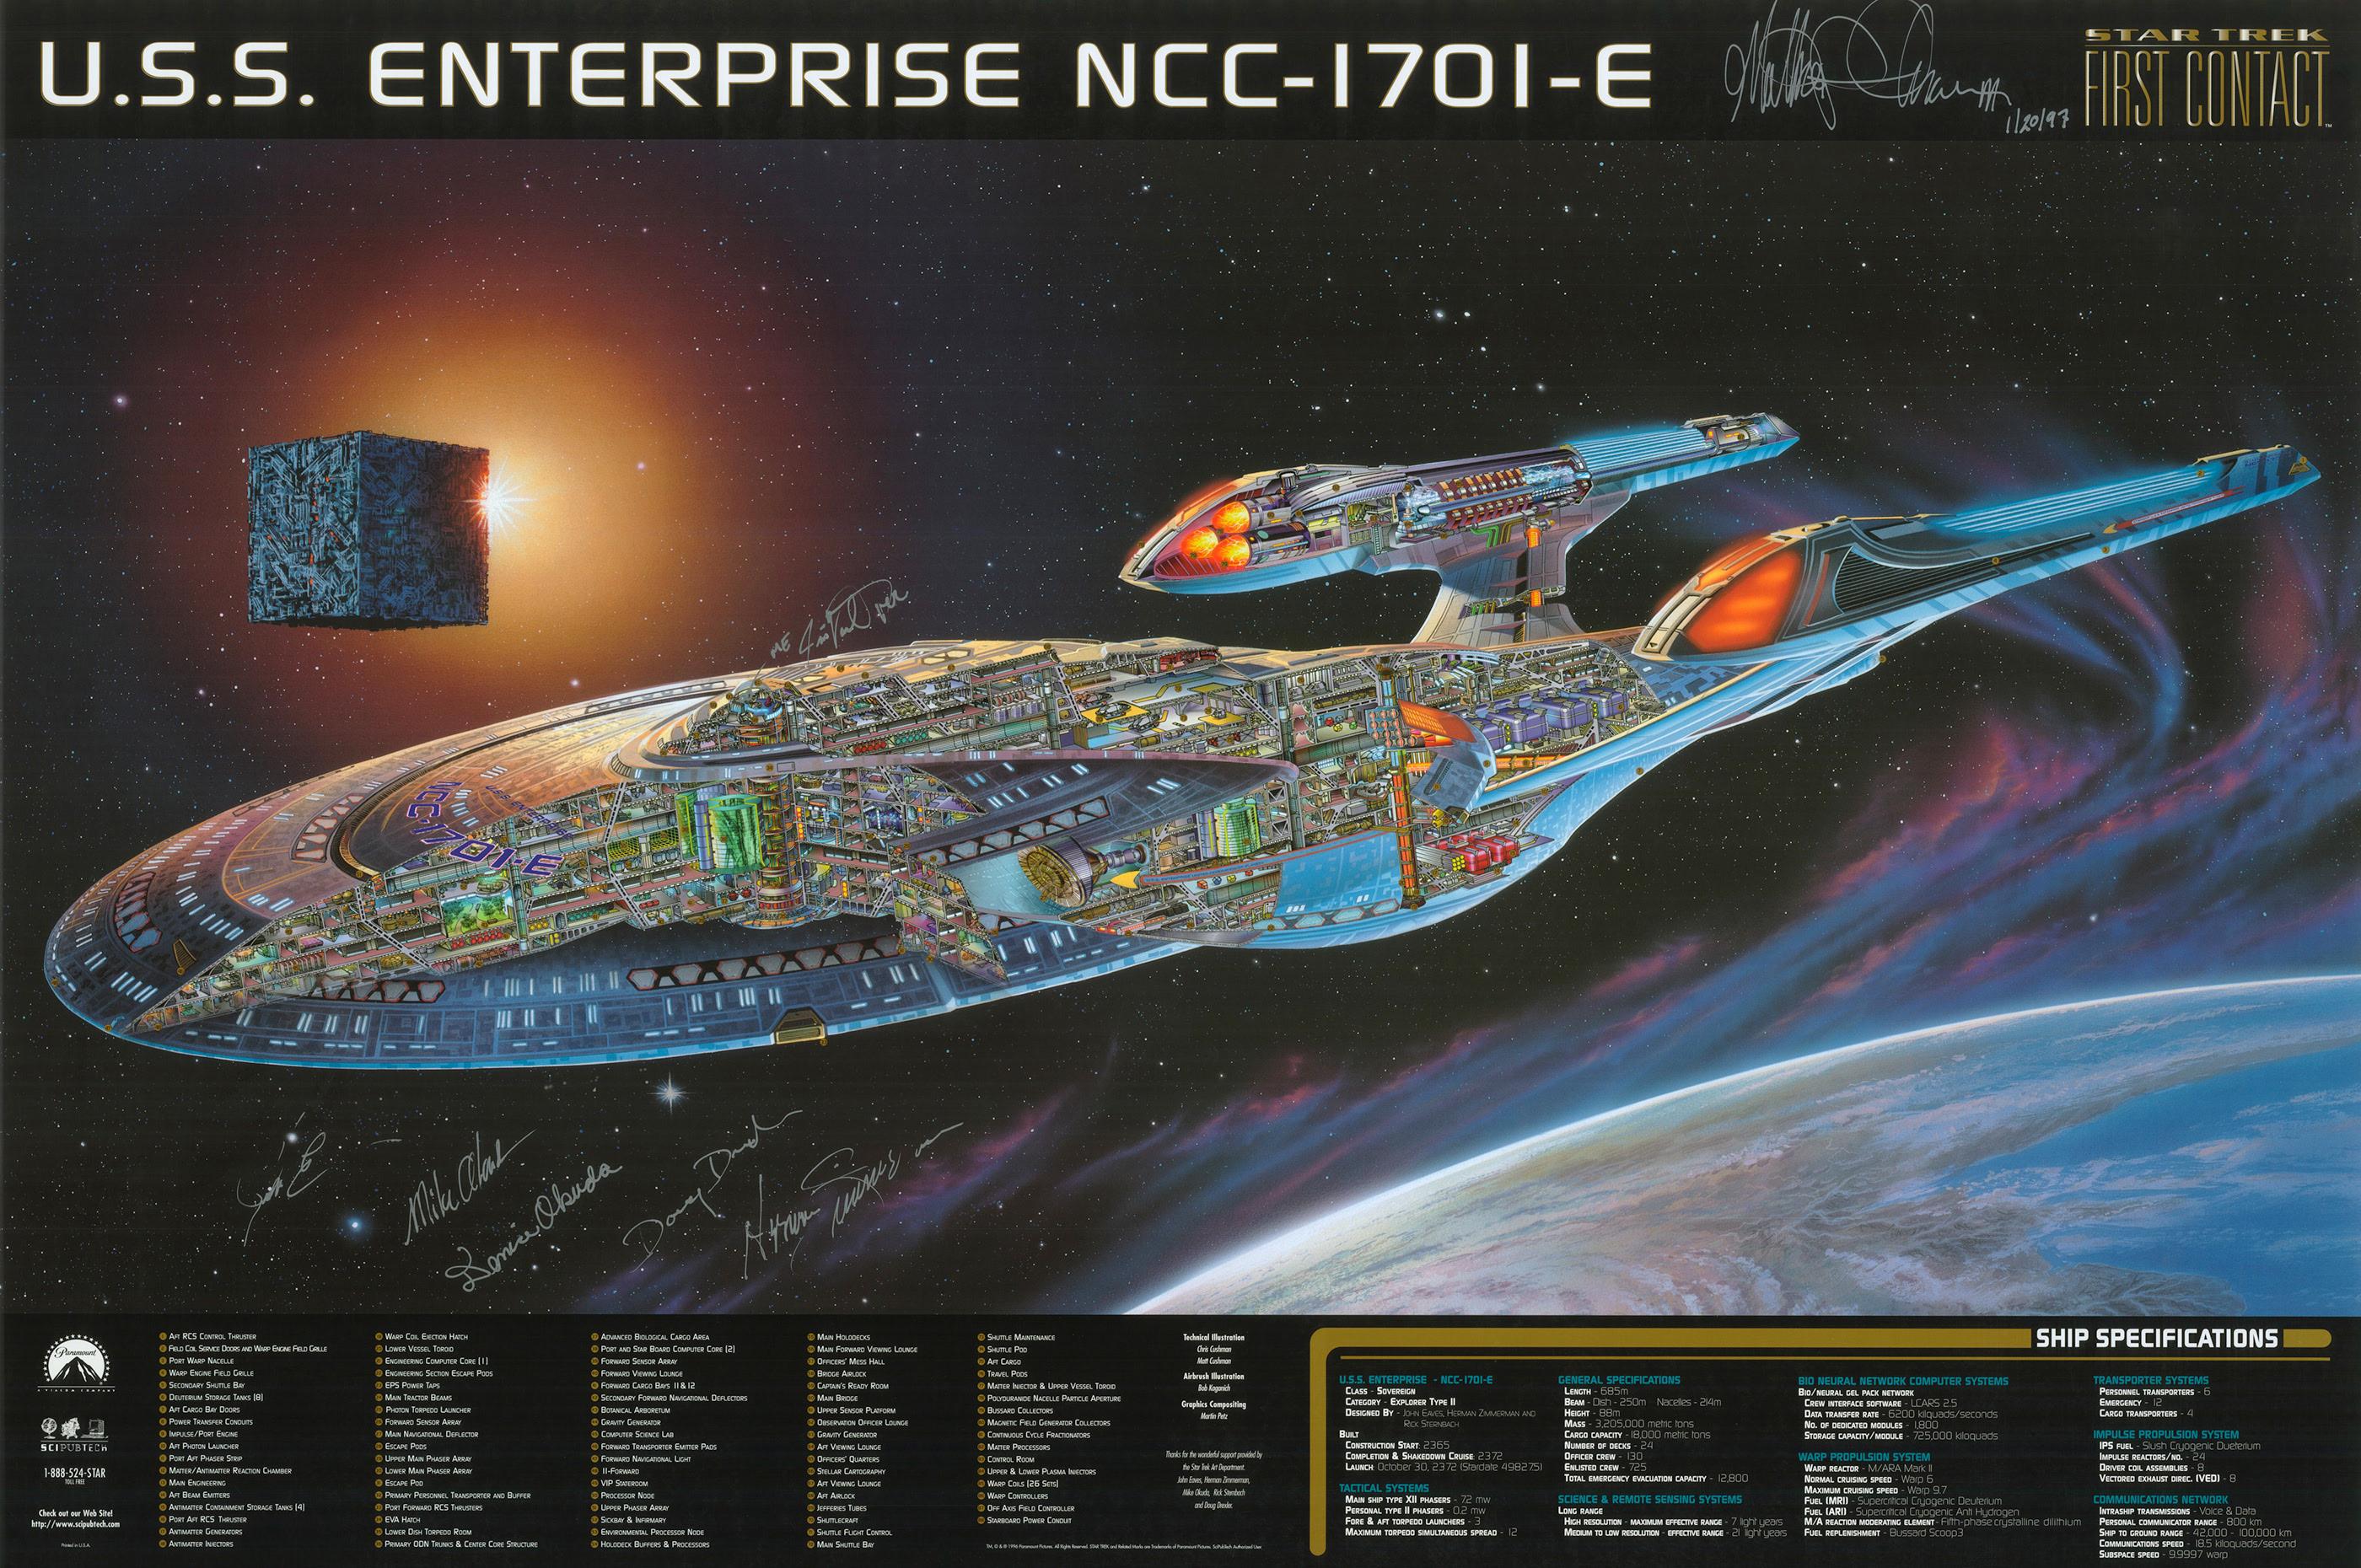 Enterprise ncc 1701 e cutaway poster